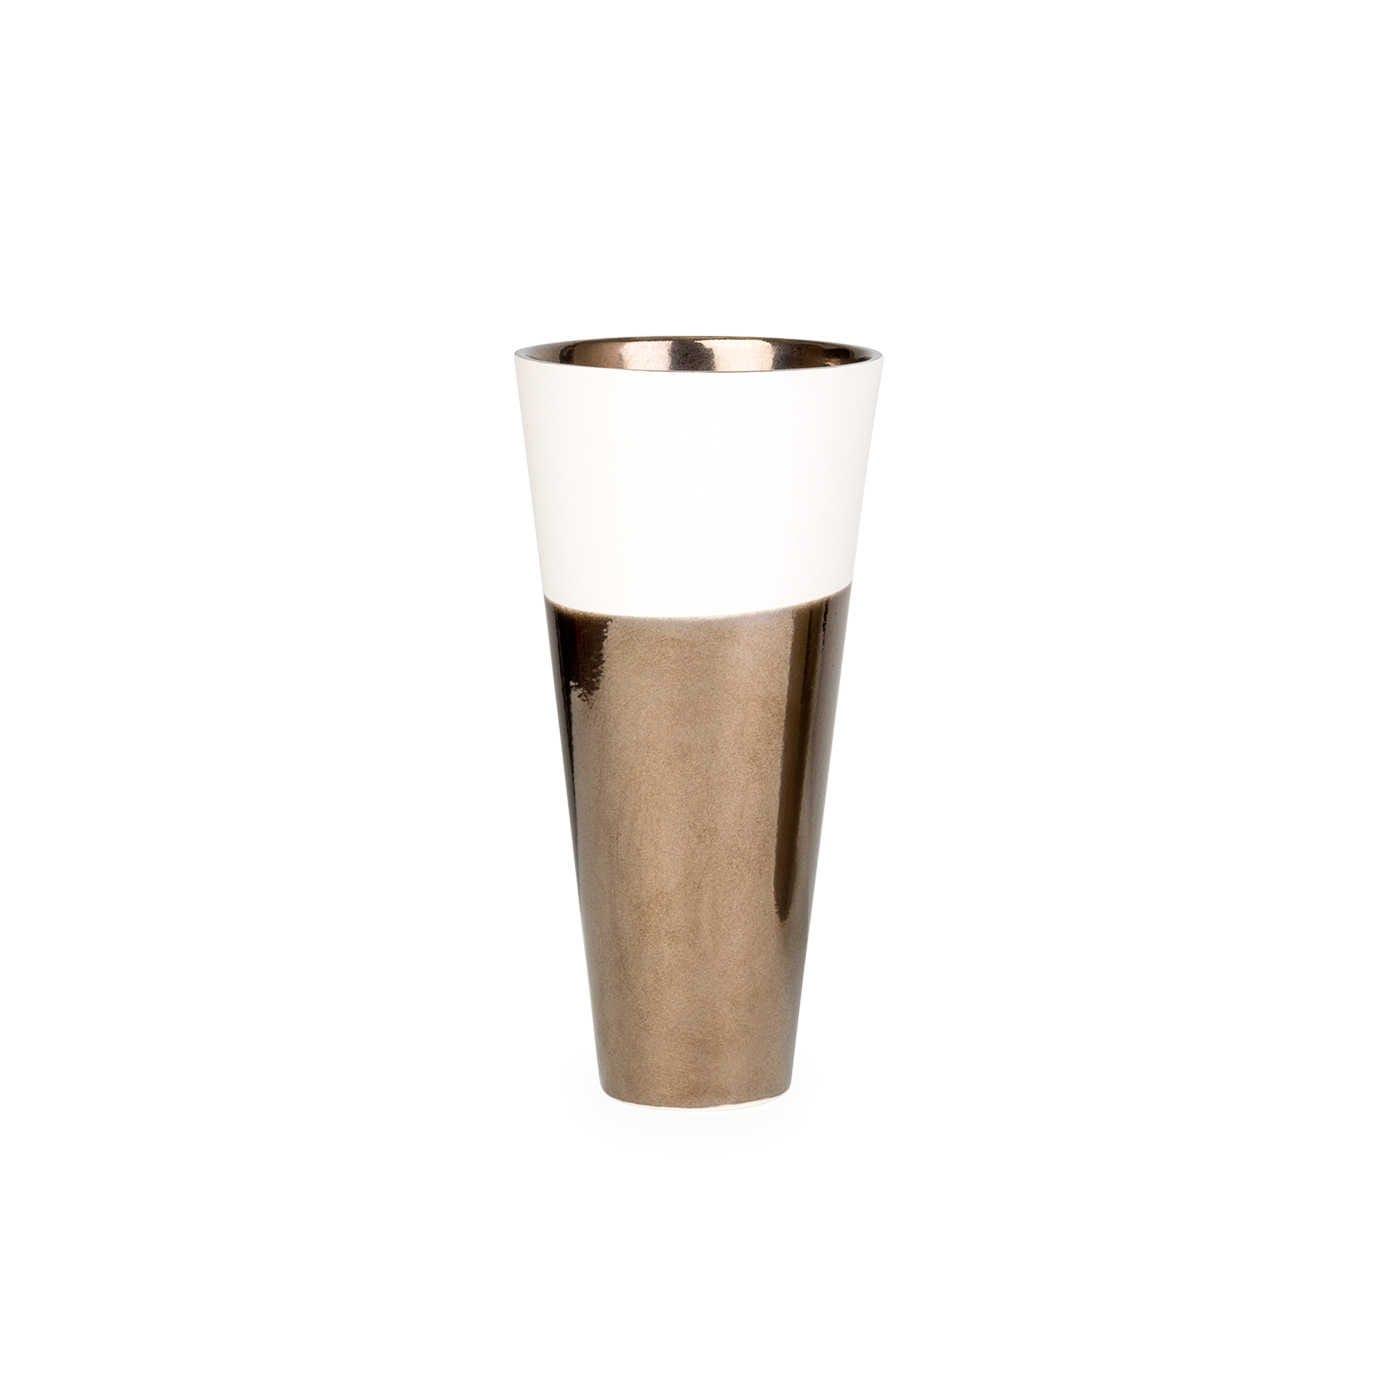 Dual Tone Conical Vase Cream & Metallic